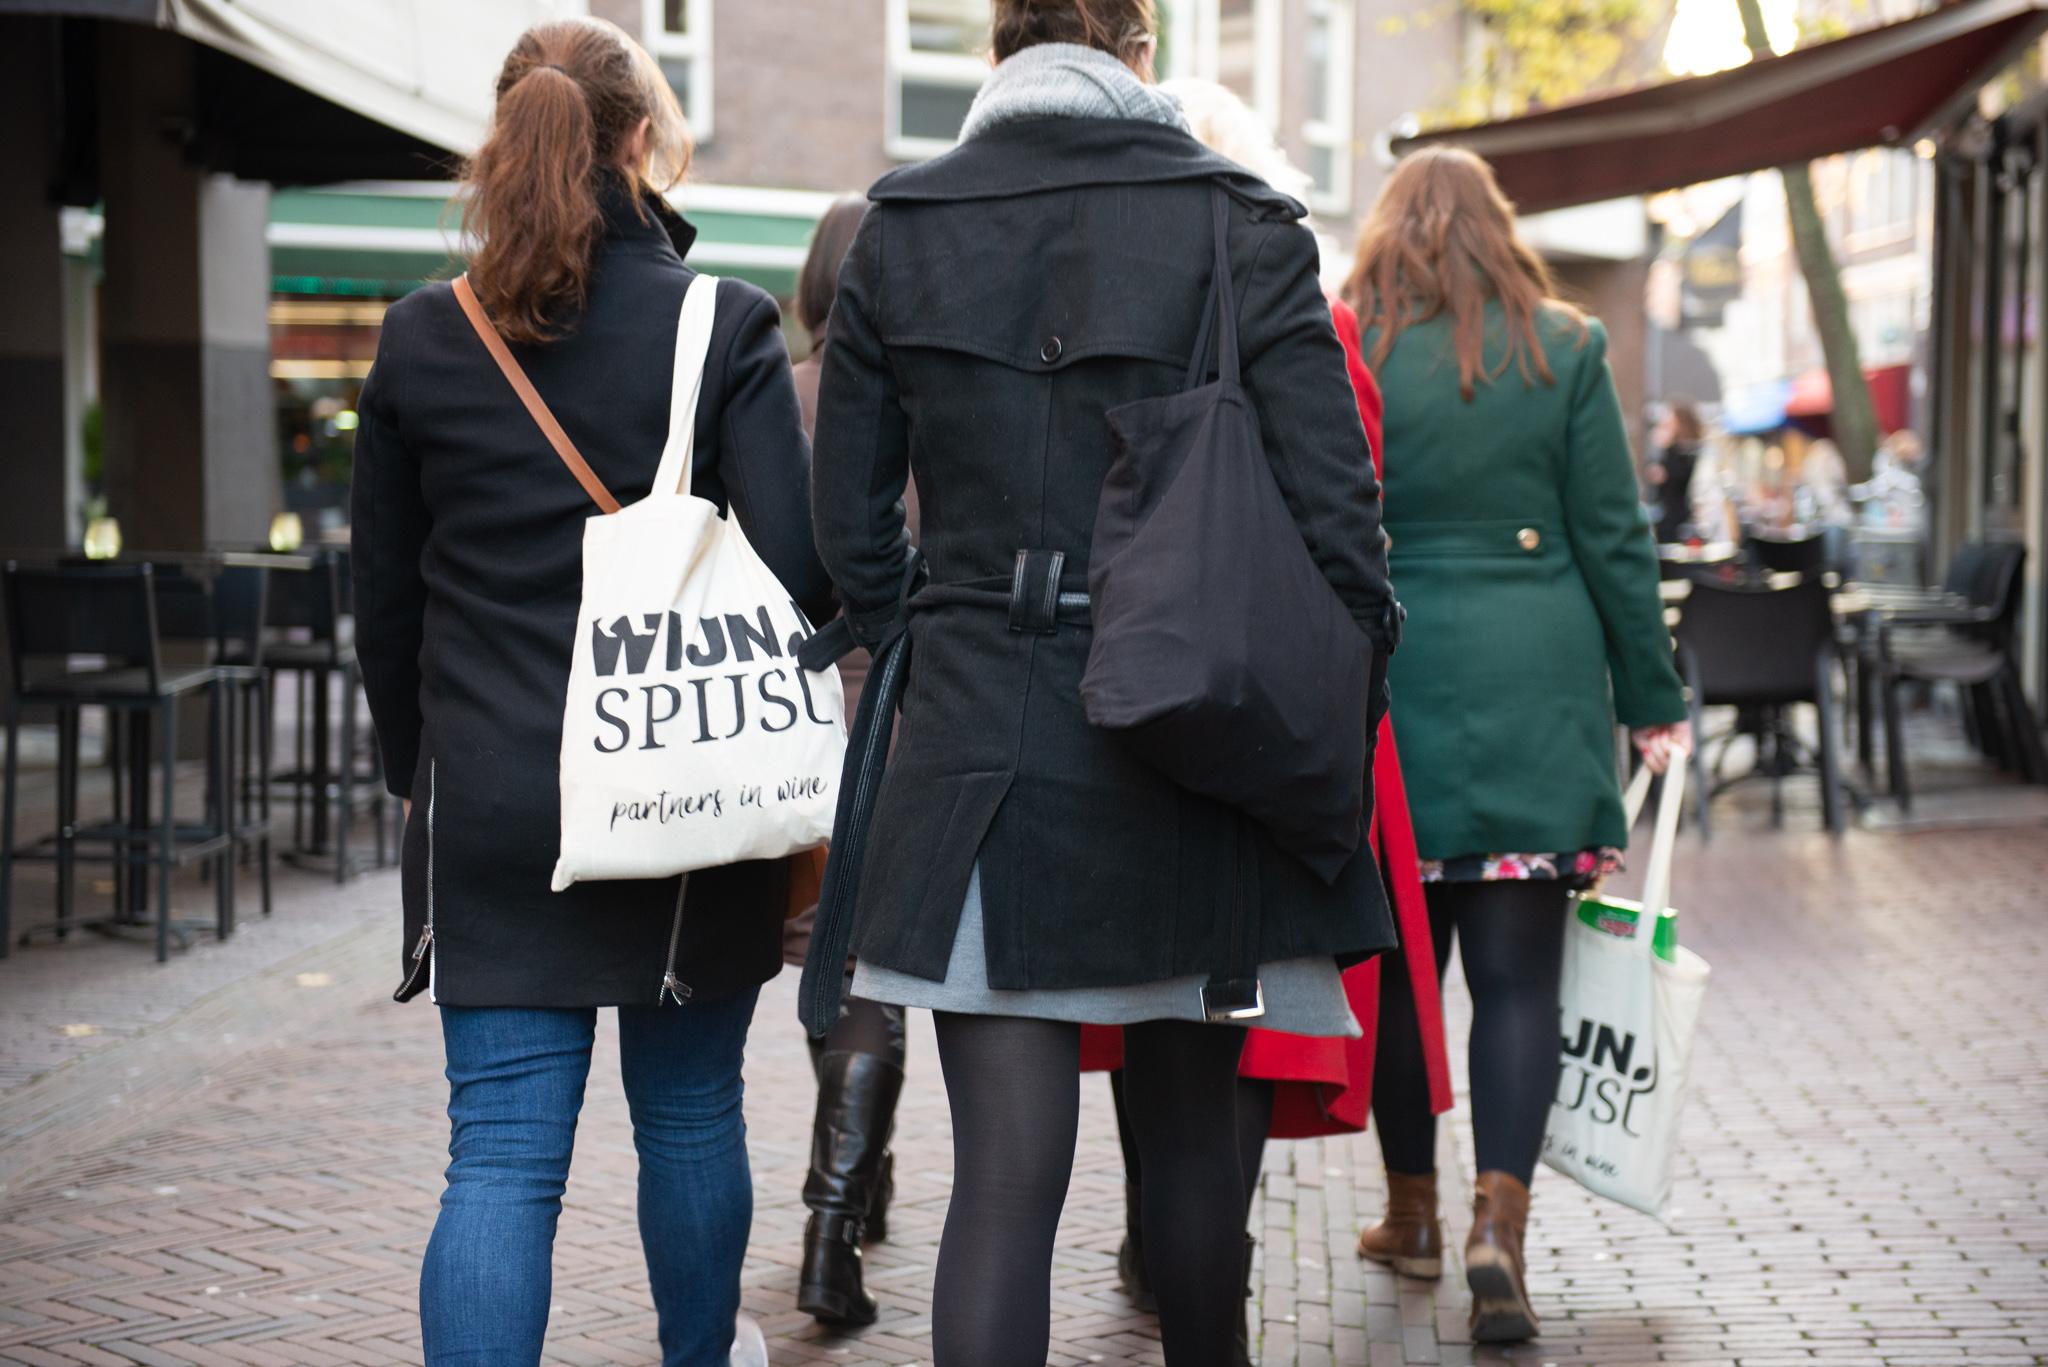 Den Haag | Illegaal culinair wandelen nu toch toegestaan